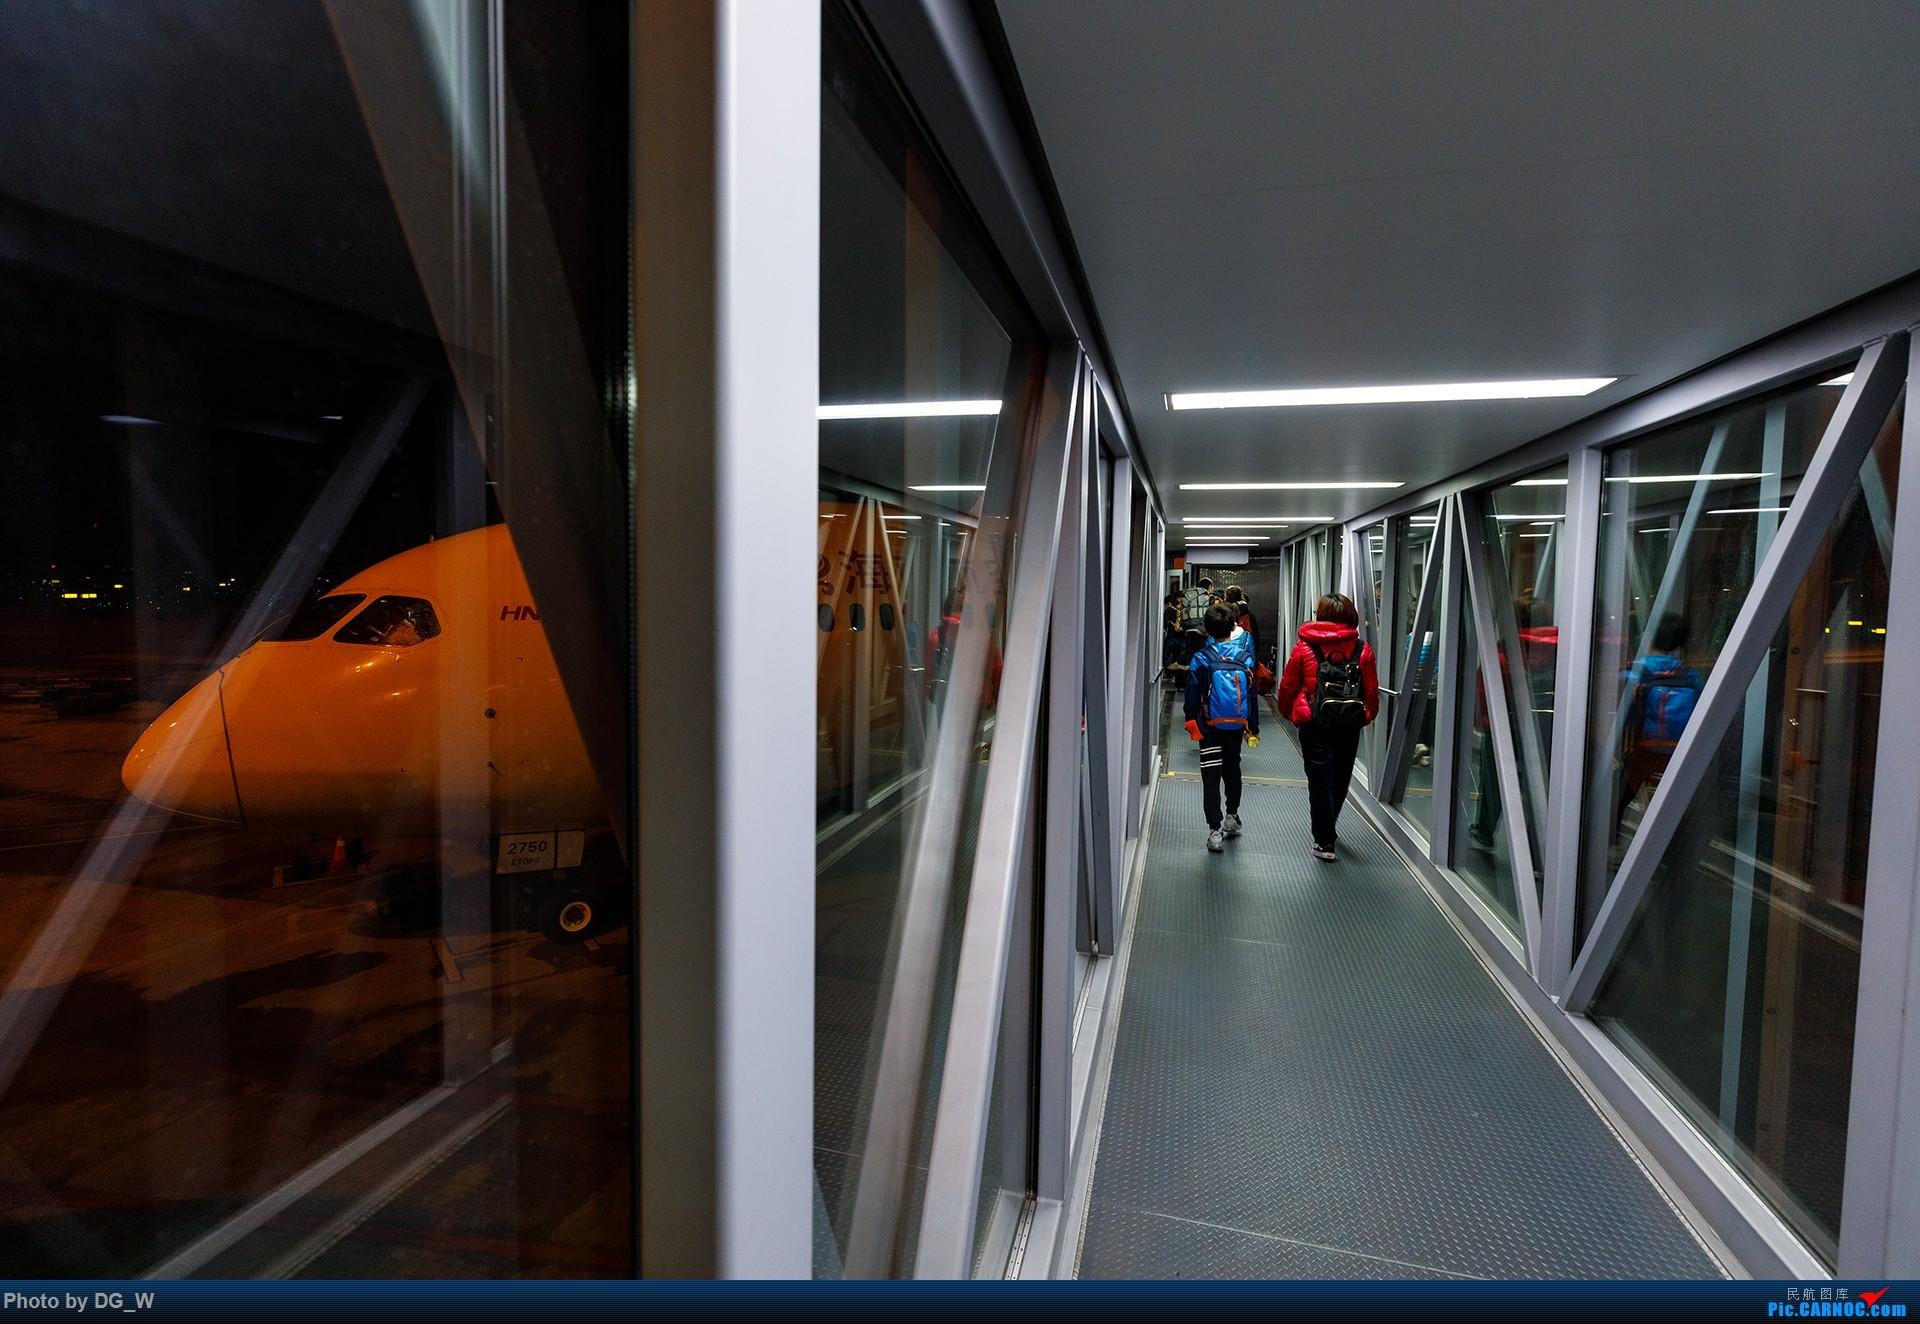 [原创]【南宁飞友】一张8元机票带来的帝都之旅    中国南宁吴圩国际机场